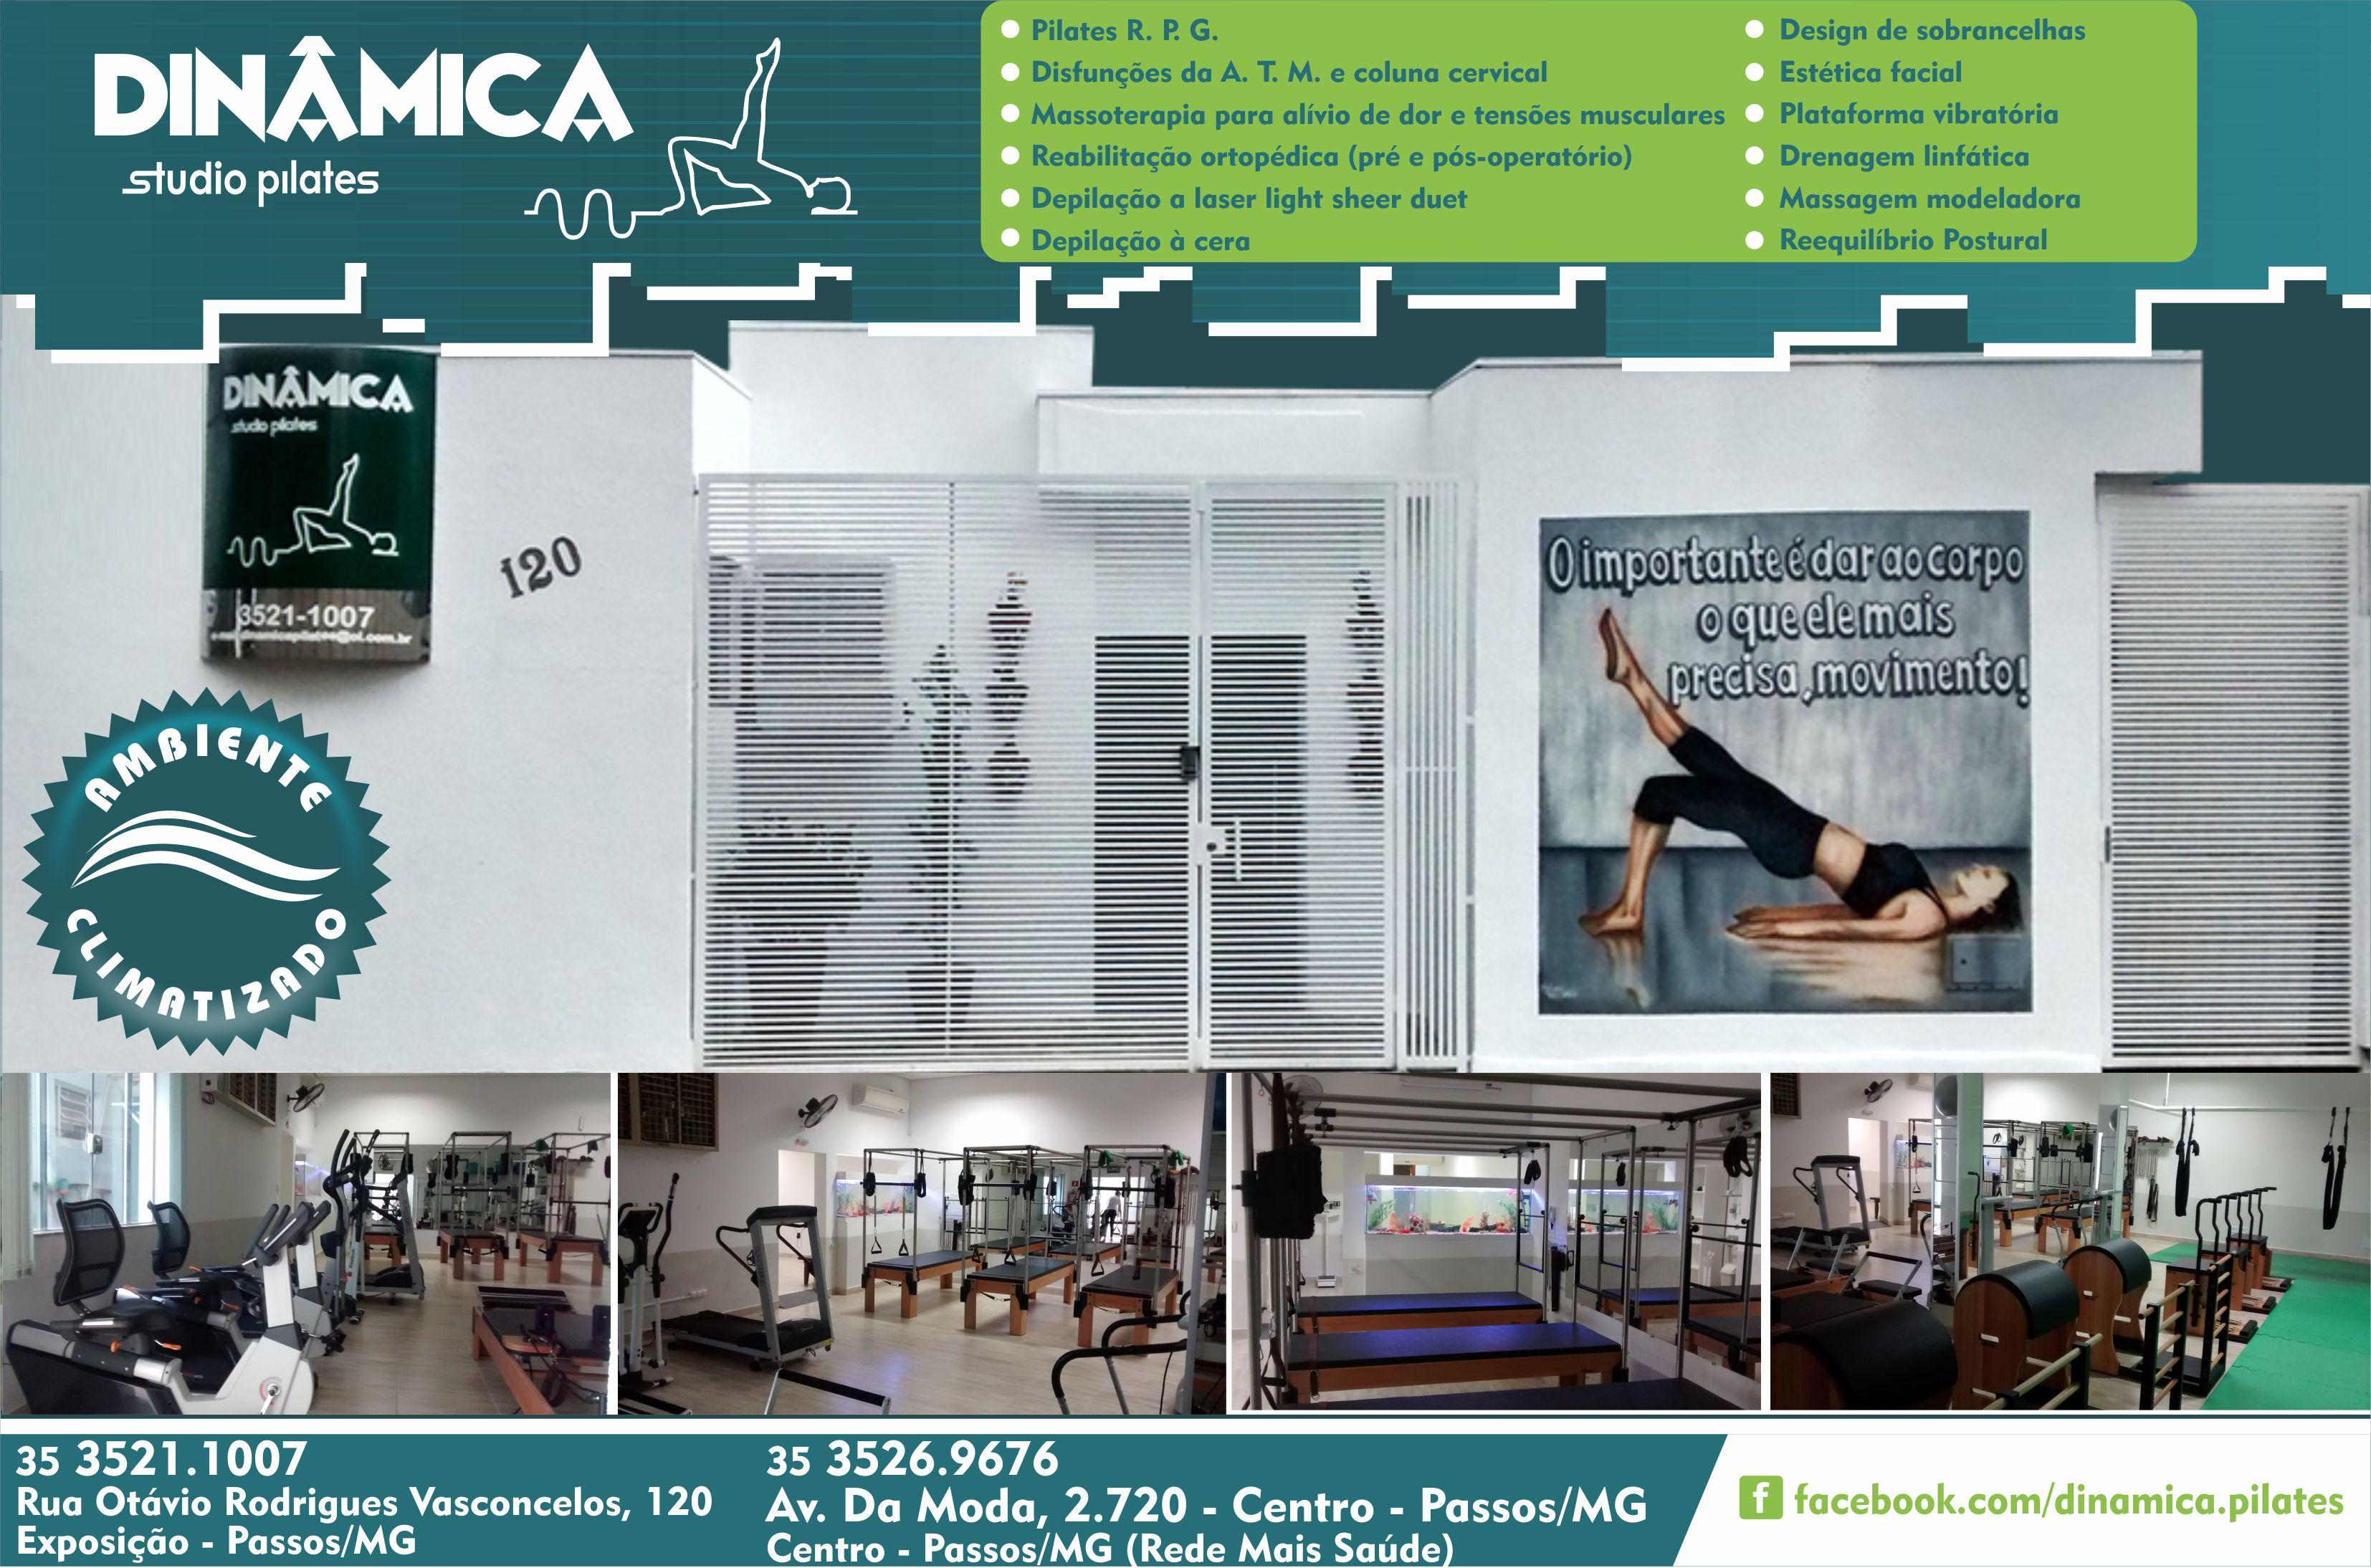 Dinâmica Studio Pilates